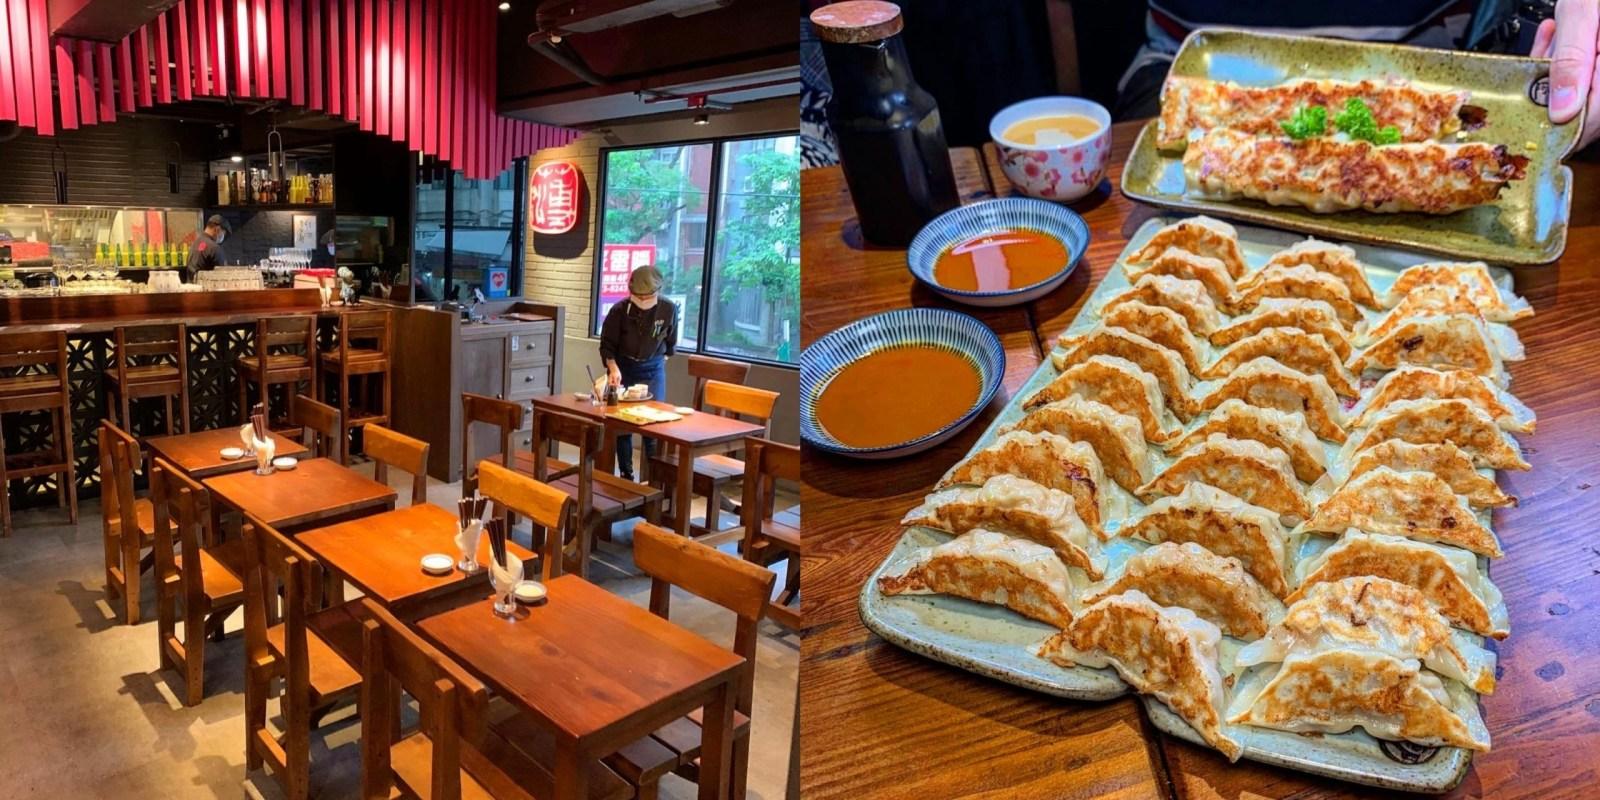 [台北美食] 阿郎薄皮餃子台式小酒館 - 給我來一盤滿滿的超薄餃子!